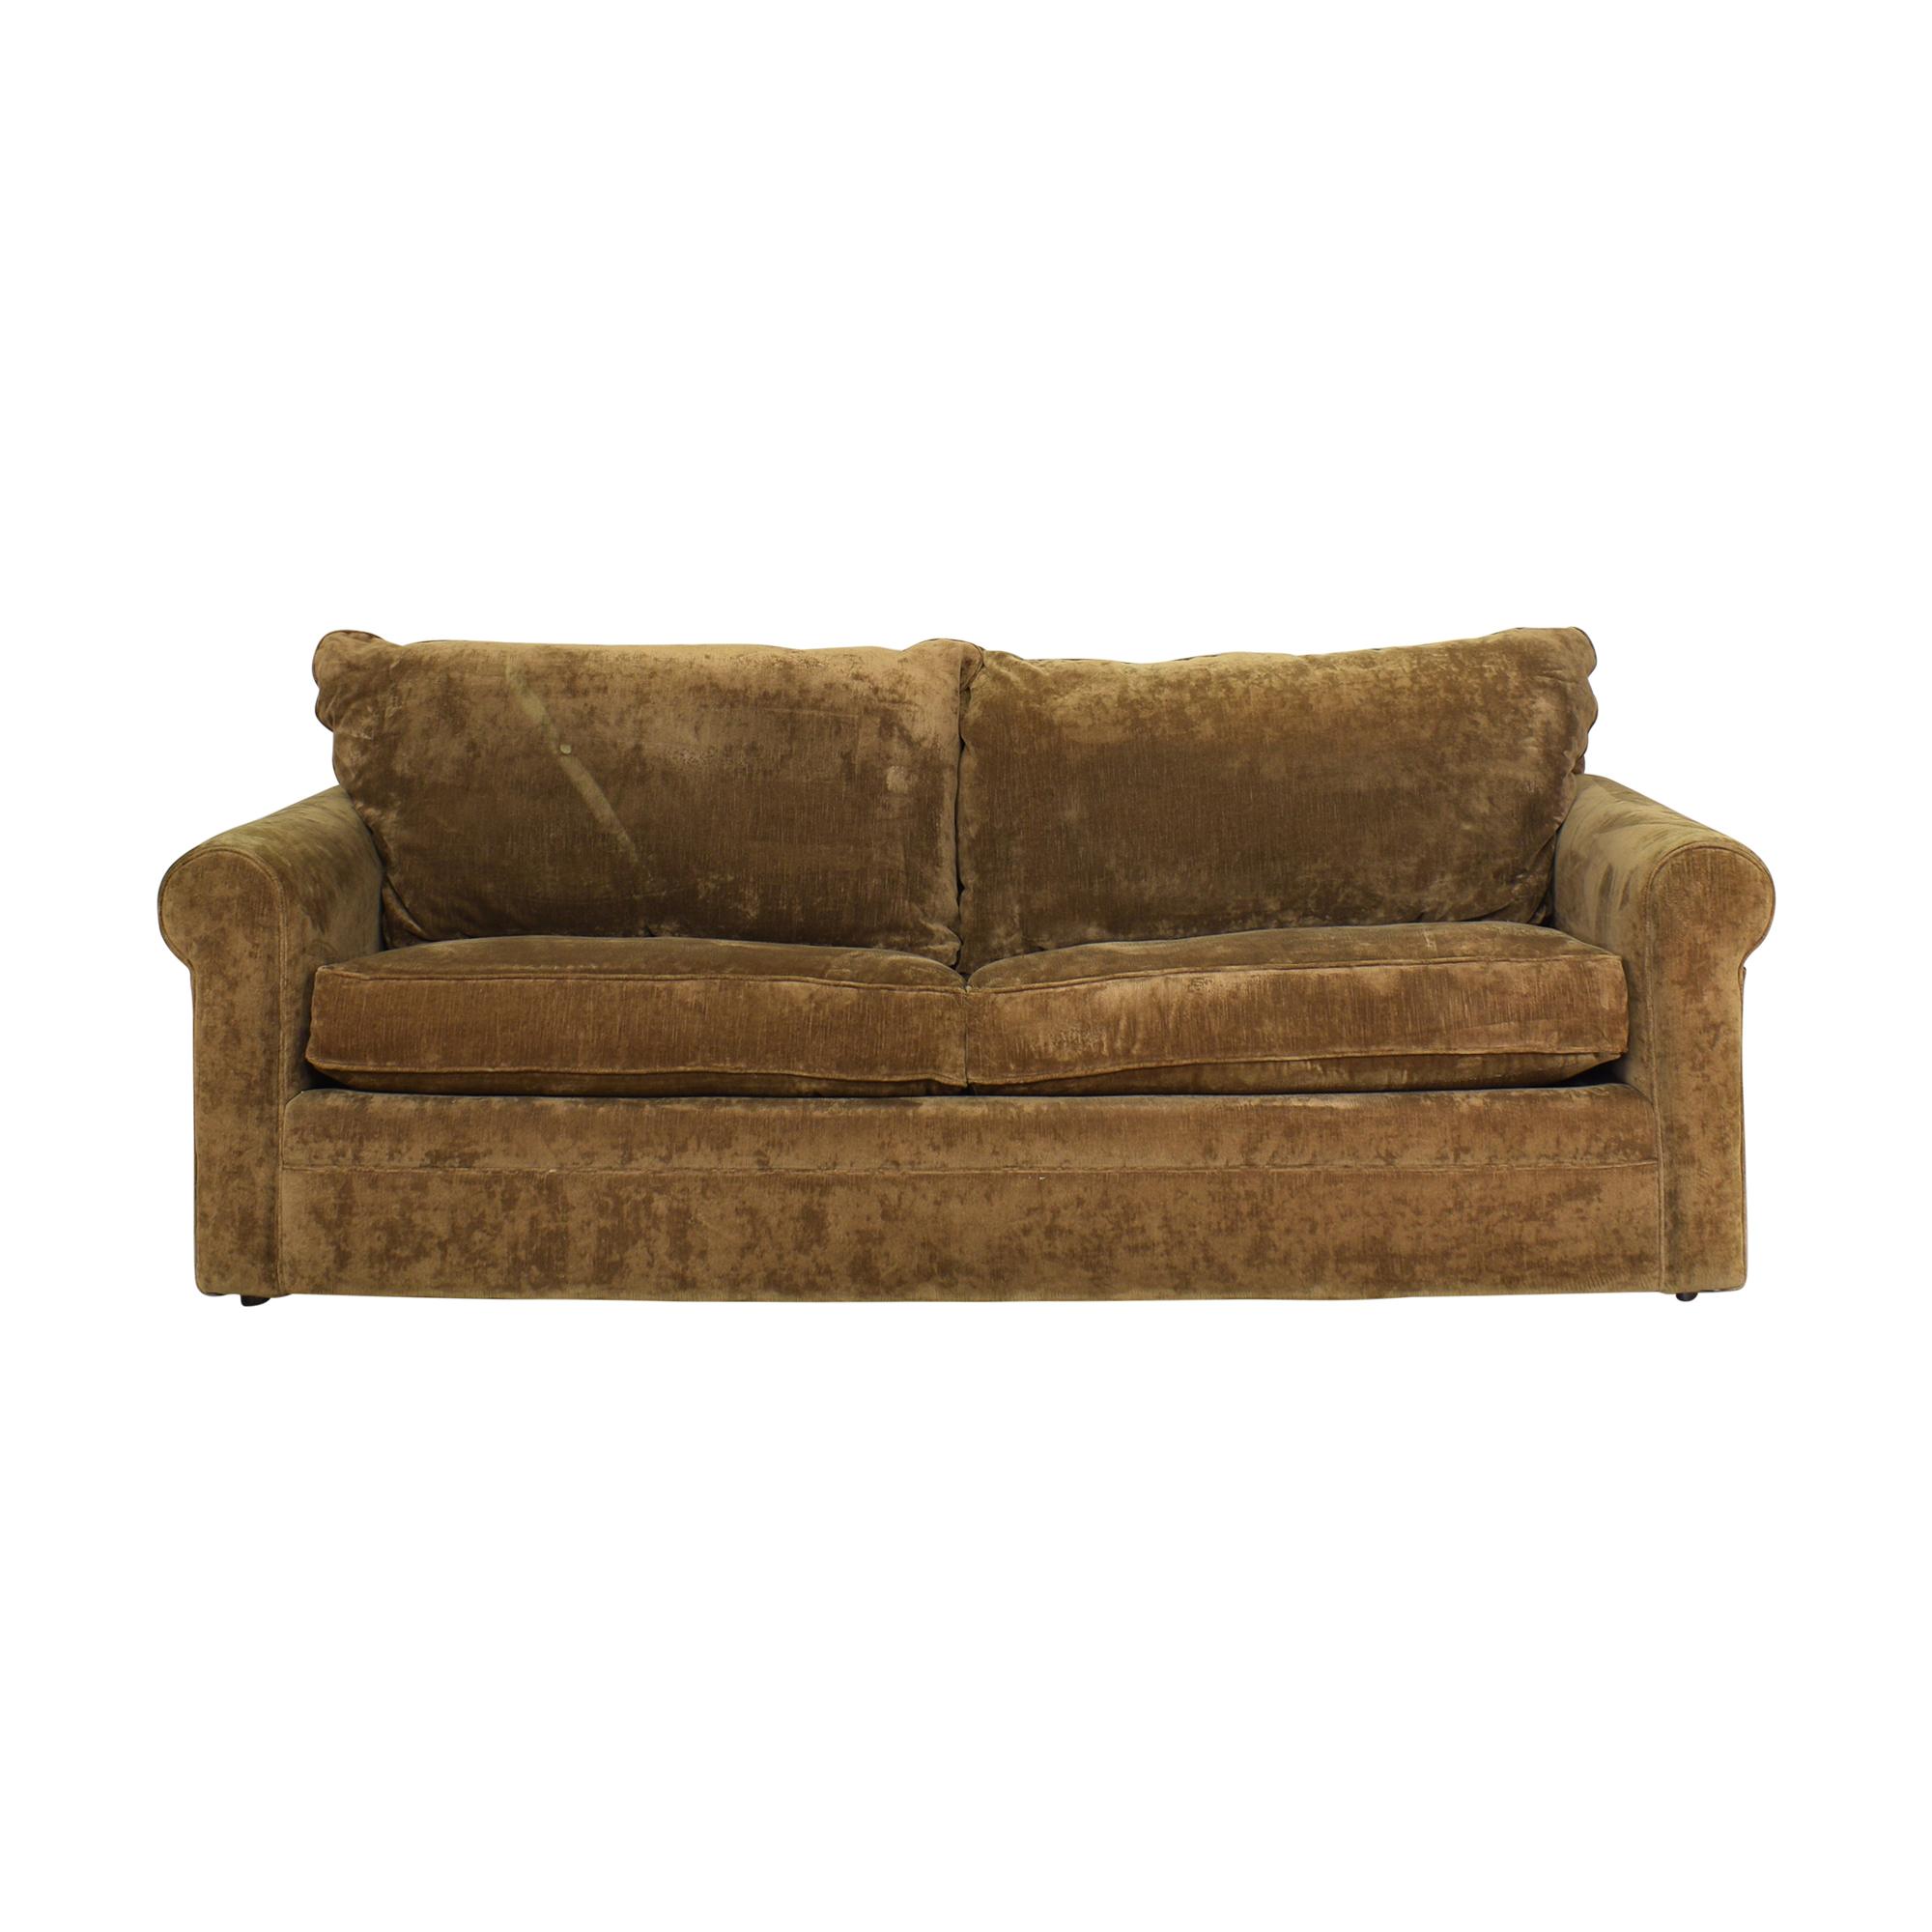 Broyhill Furniture Broyhill Sleeper Sofa nyc